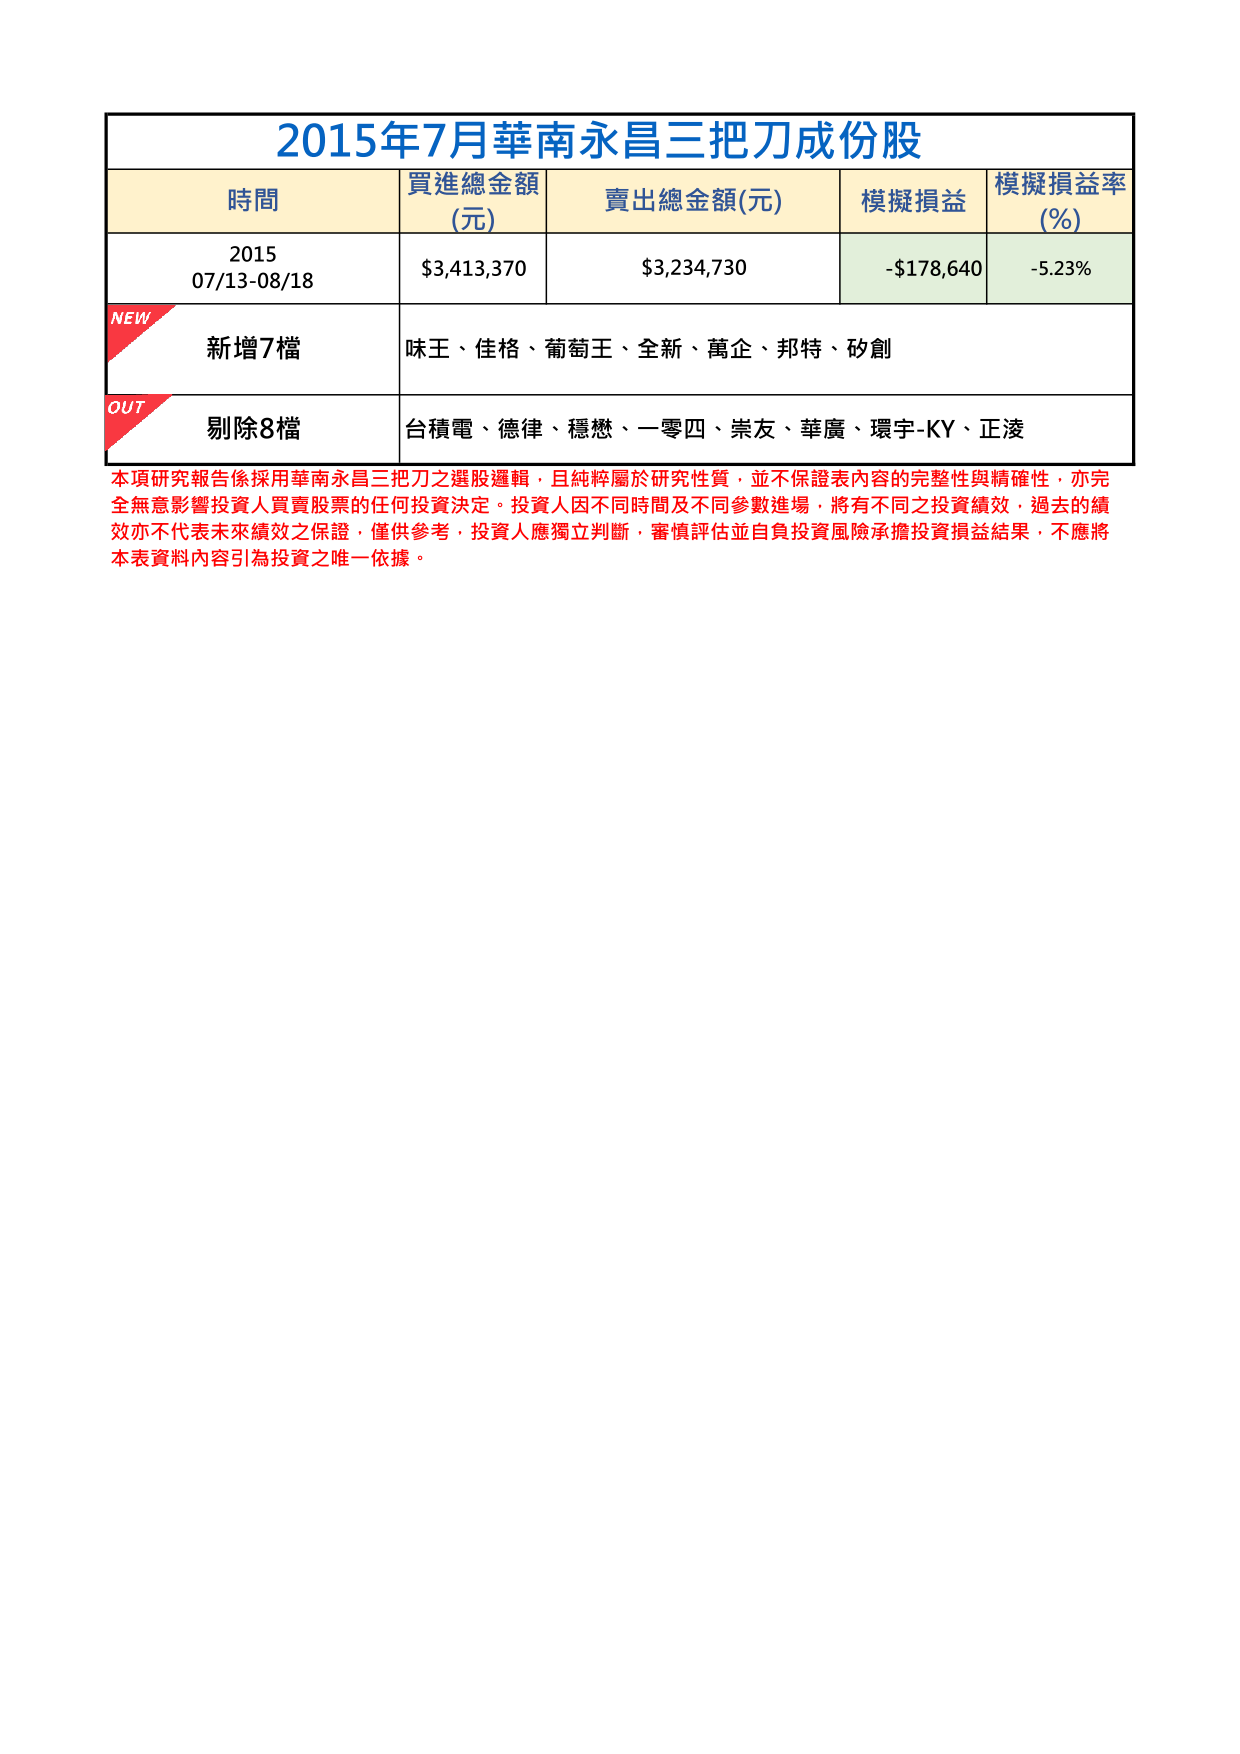 2015年7月-2三把刀成份表.png